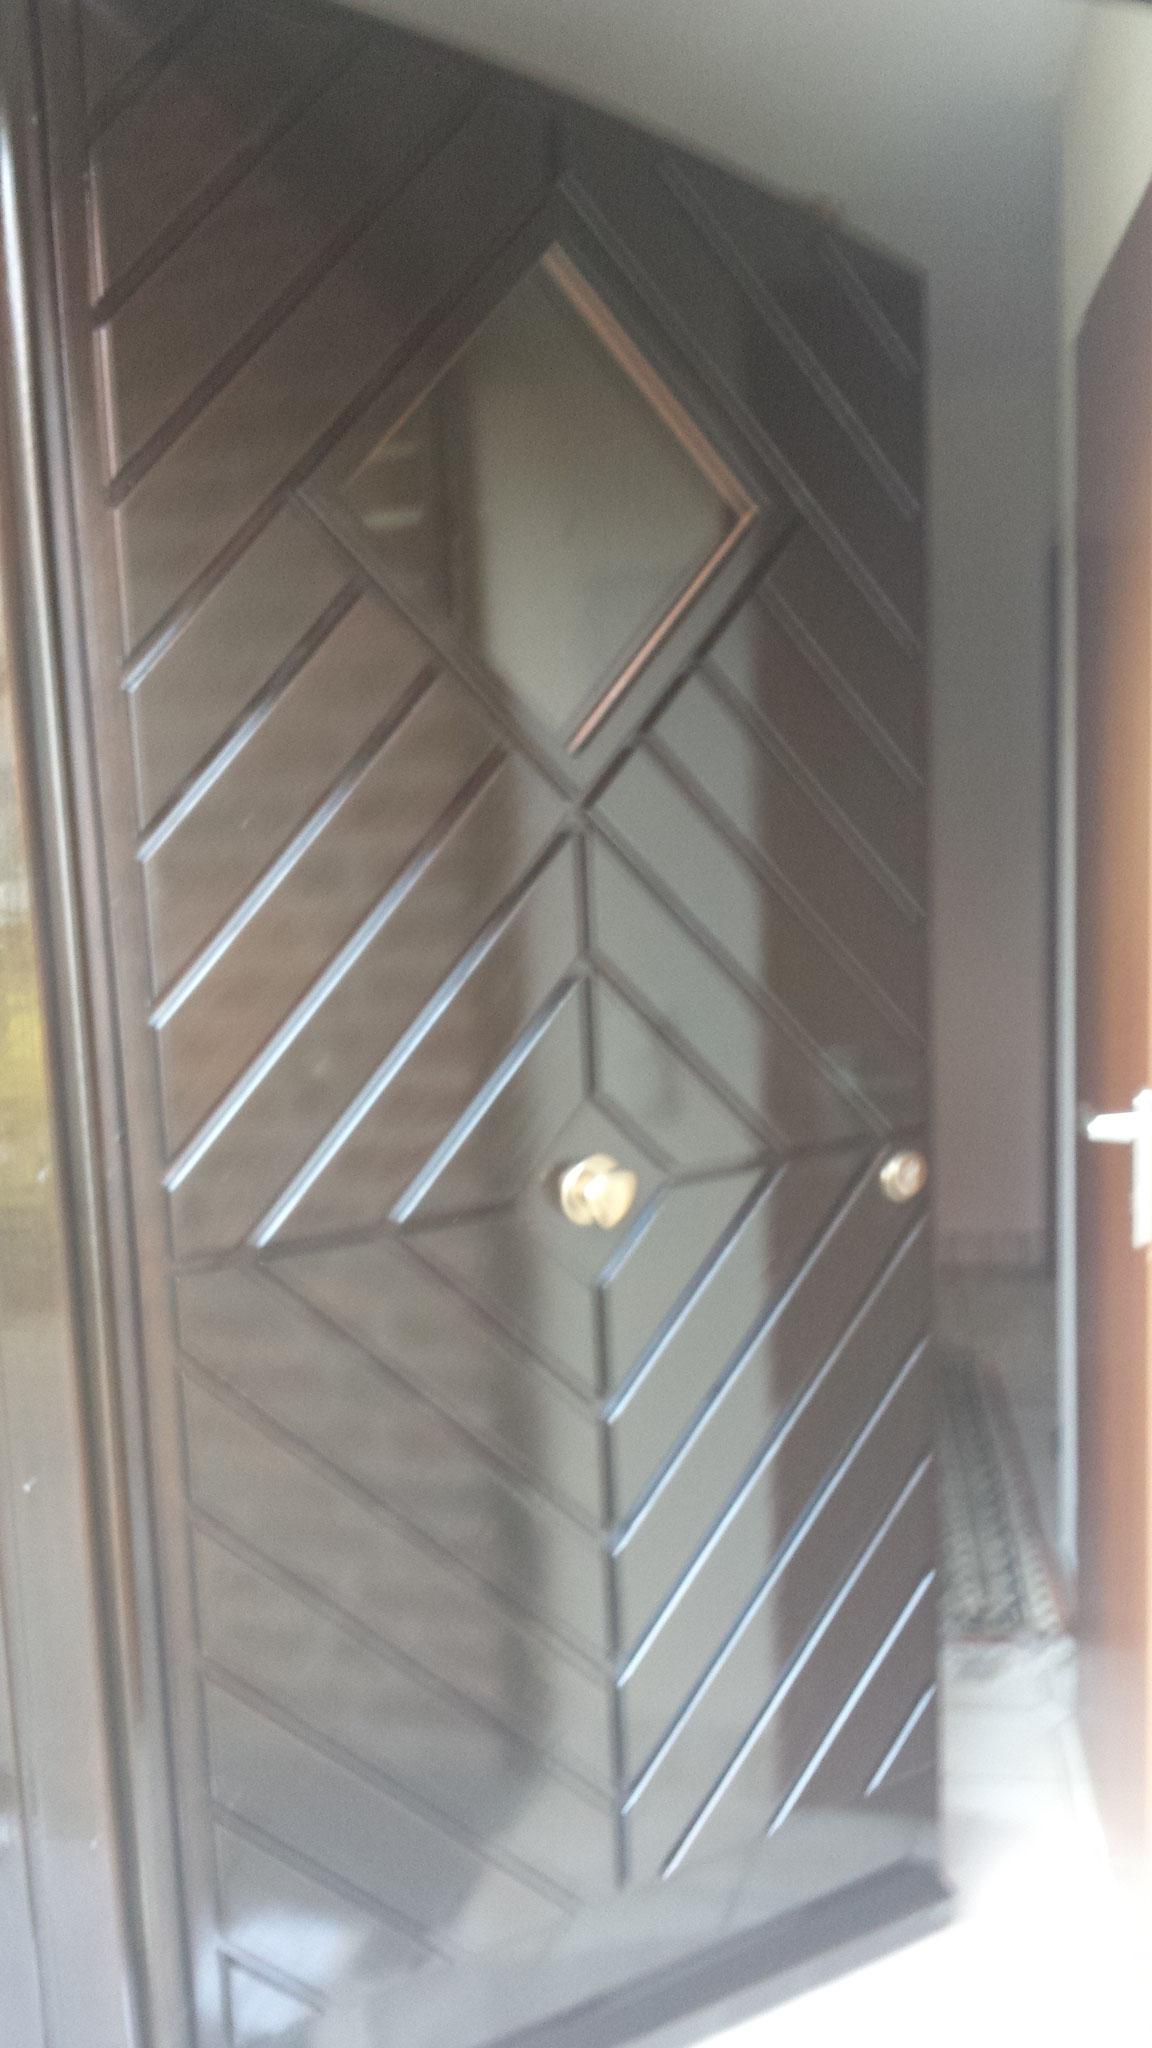 3.Bild 3 Eingangstür in Dickschichtlasur